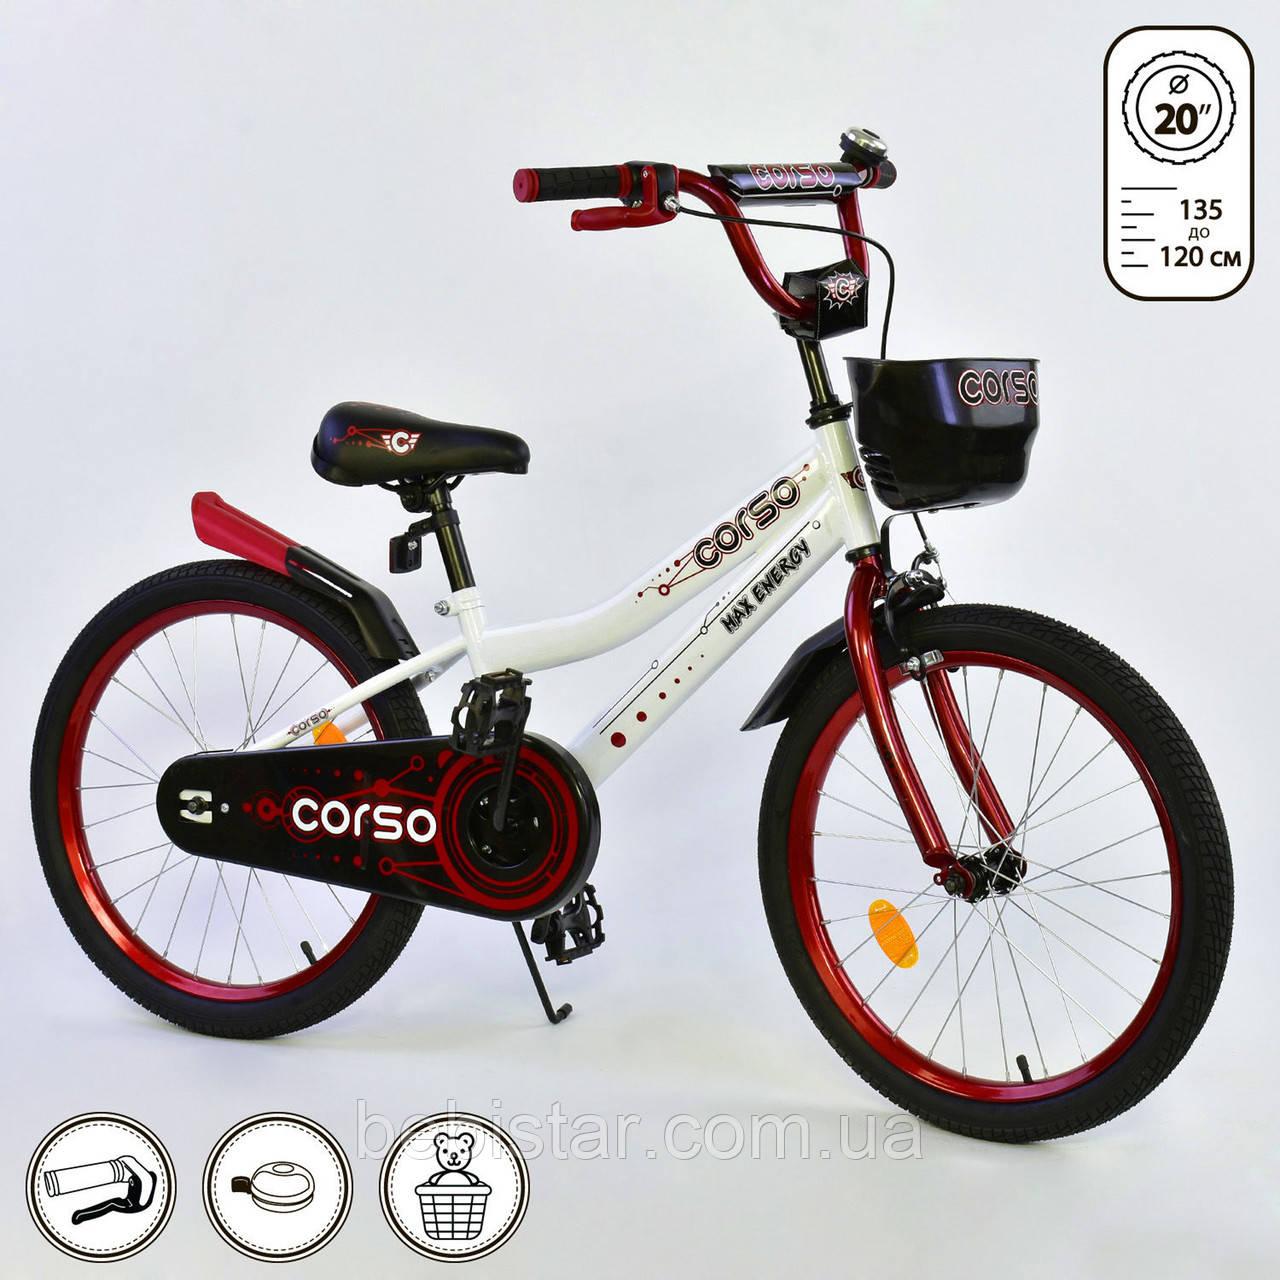 """Детский двухколесный велосипед белый, корзинка, подножка, ручной тормоз Corso 20"""" детям 6-9 лет"""